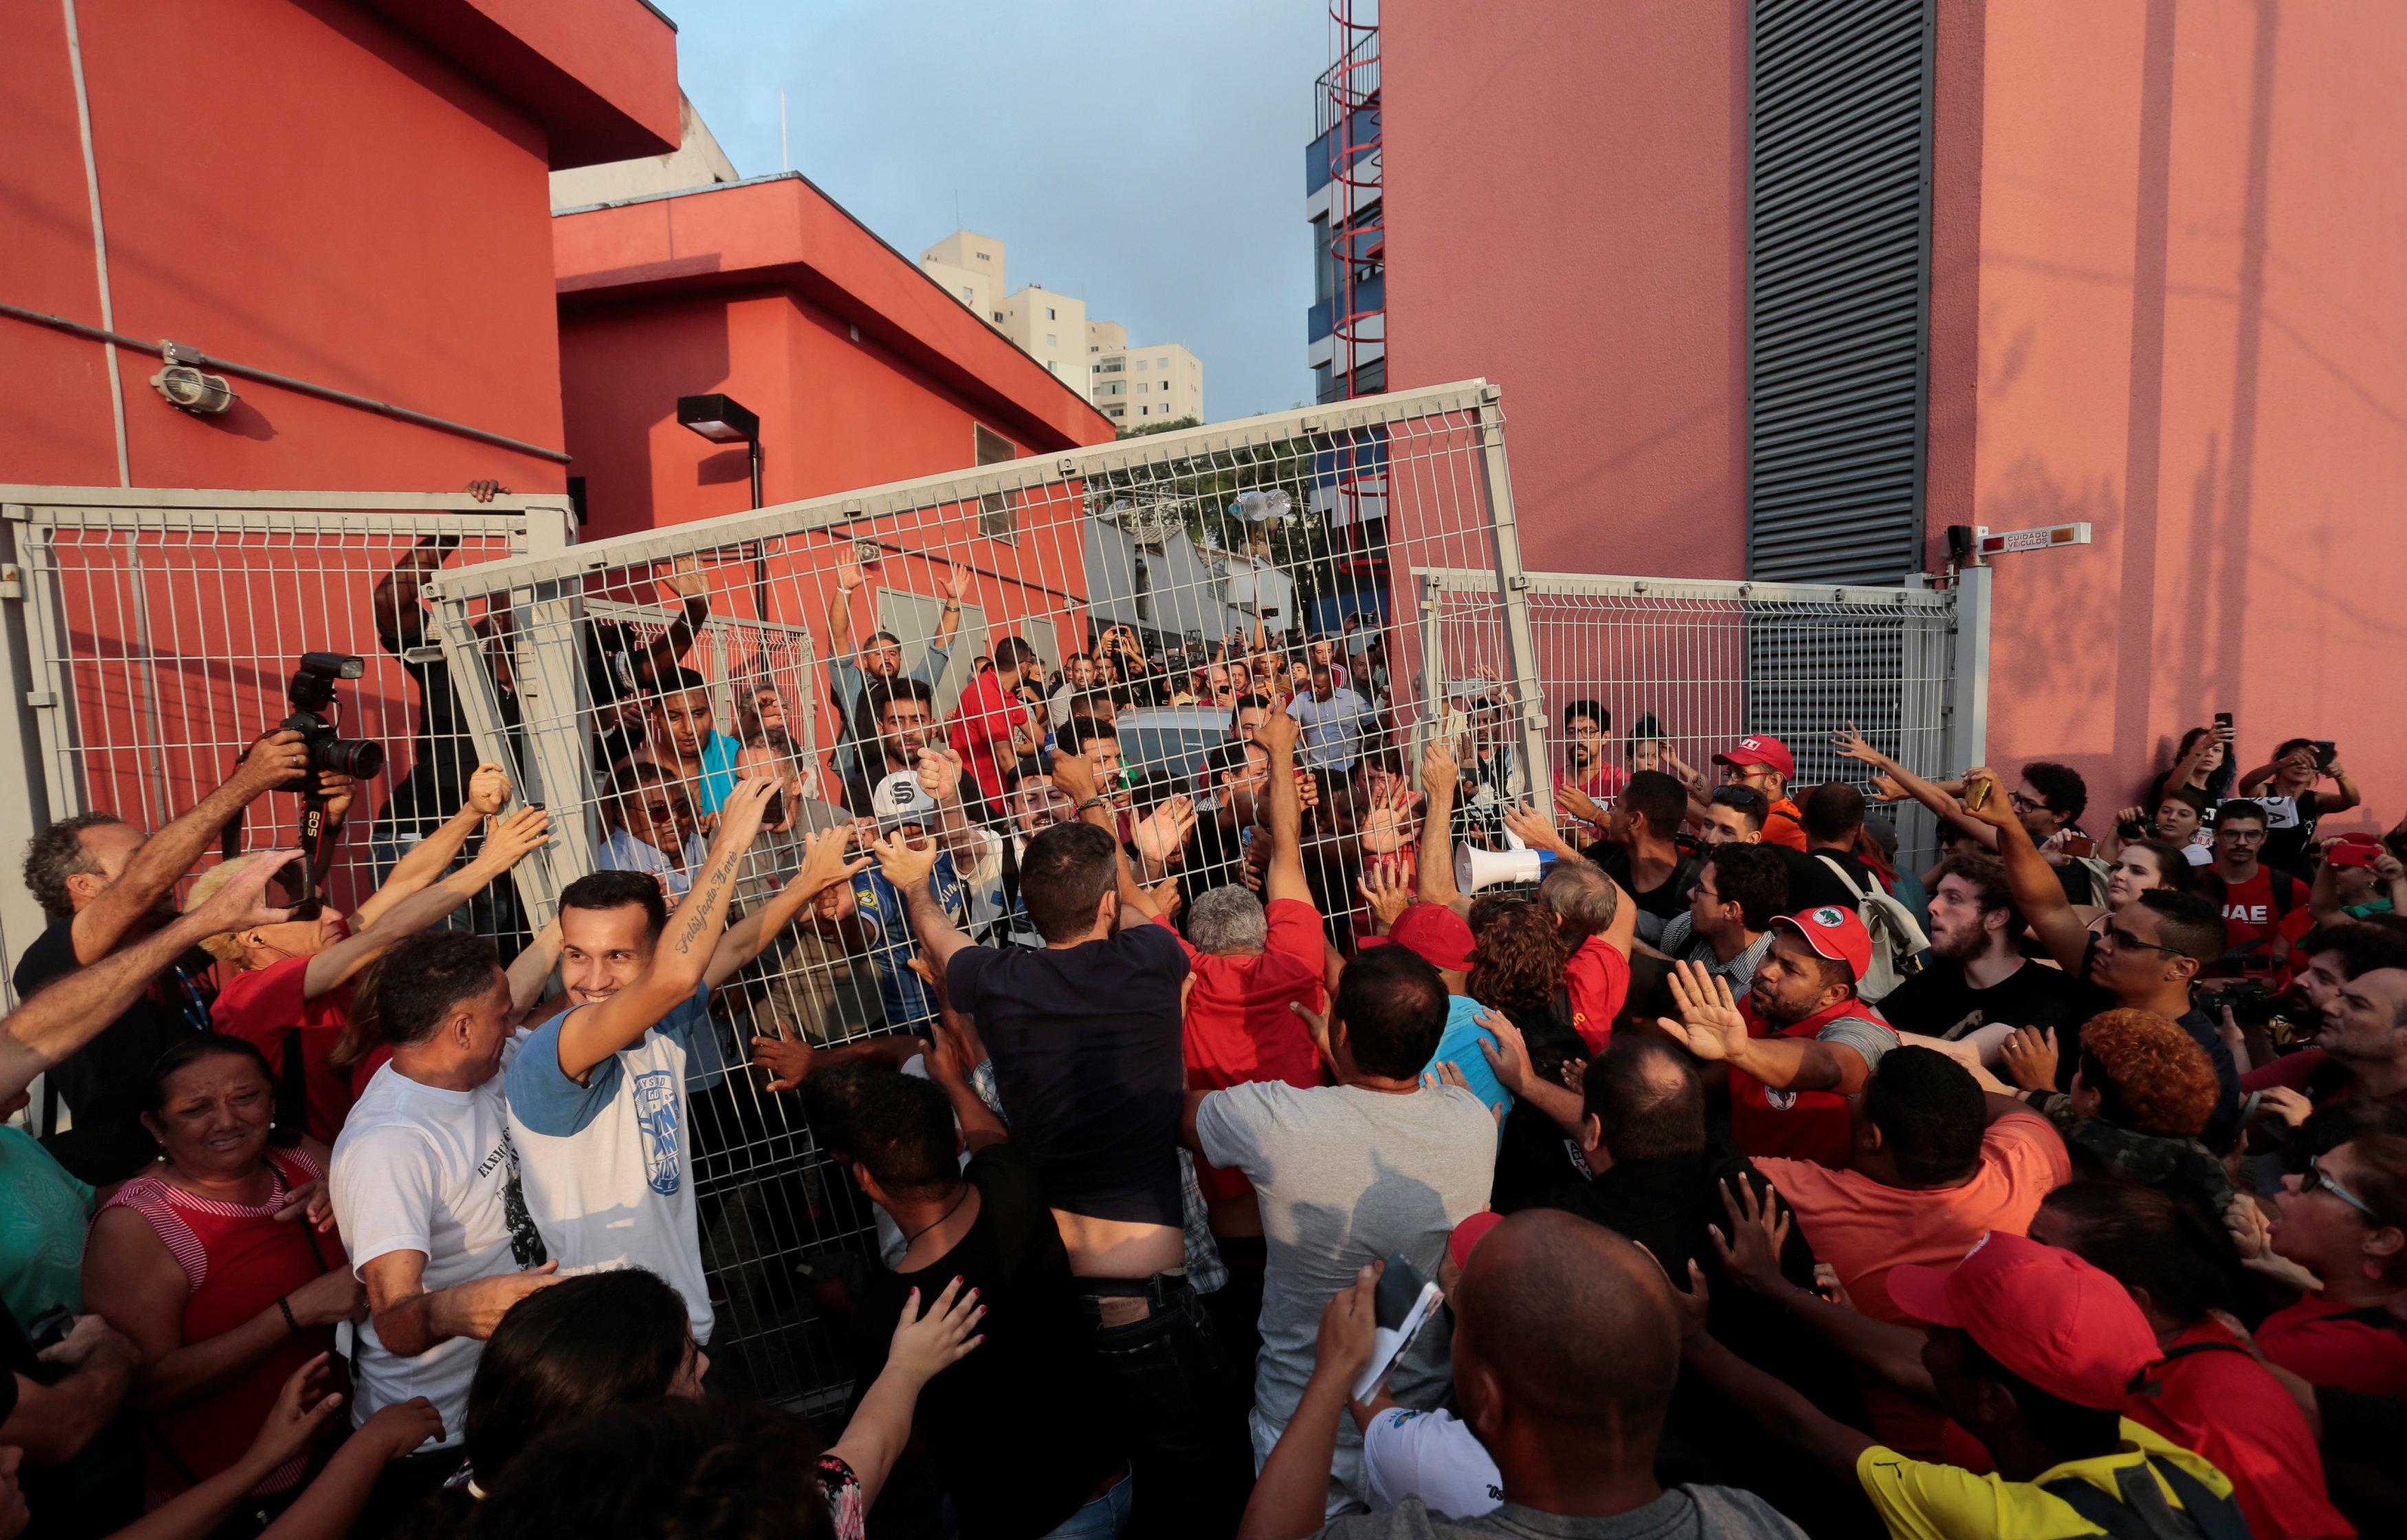 Manifestantes arrancam portão do Sindicato dos Metalúrgicos do ABC, em São Bernardo do Campo. Eles tentavam impedir que o ex-presidente Lula se entregasse à Polícia Federal.